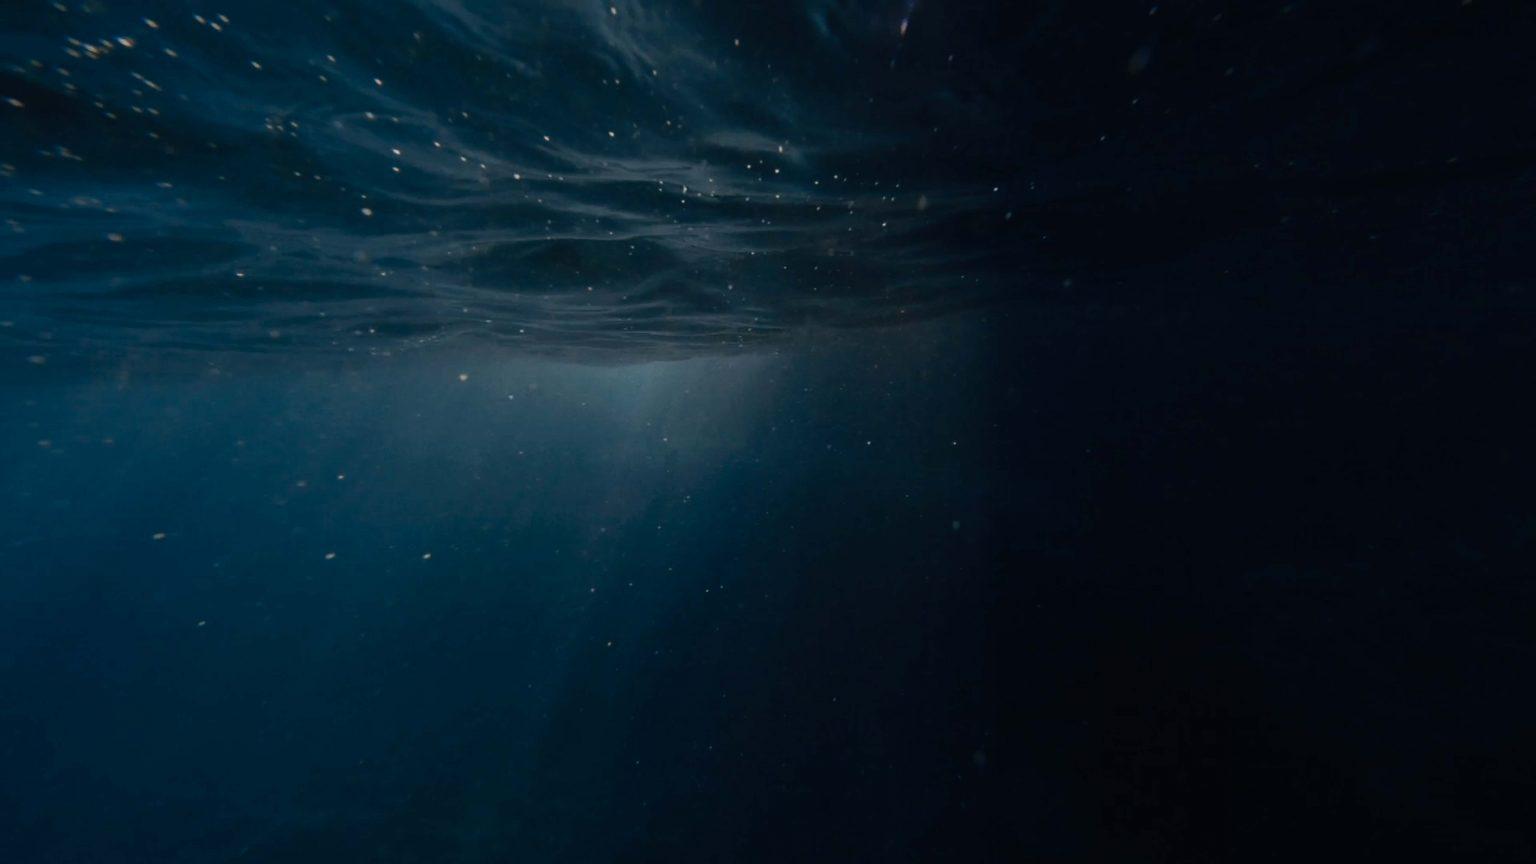 watershot-mringalss-films-pays-basque-anglet-bayonne-biarritz-pierre-frechou